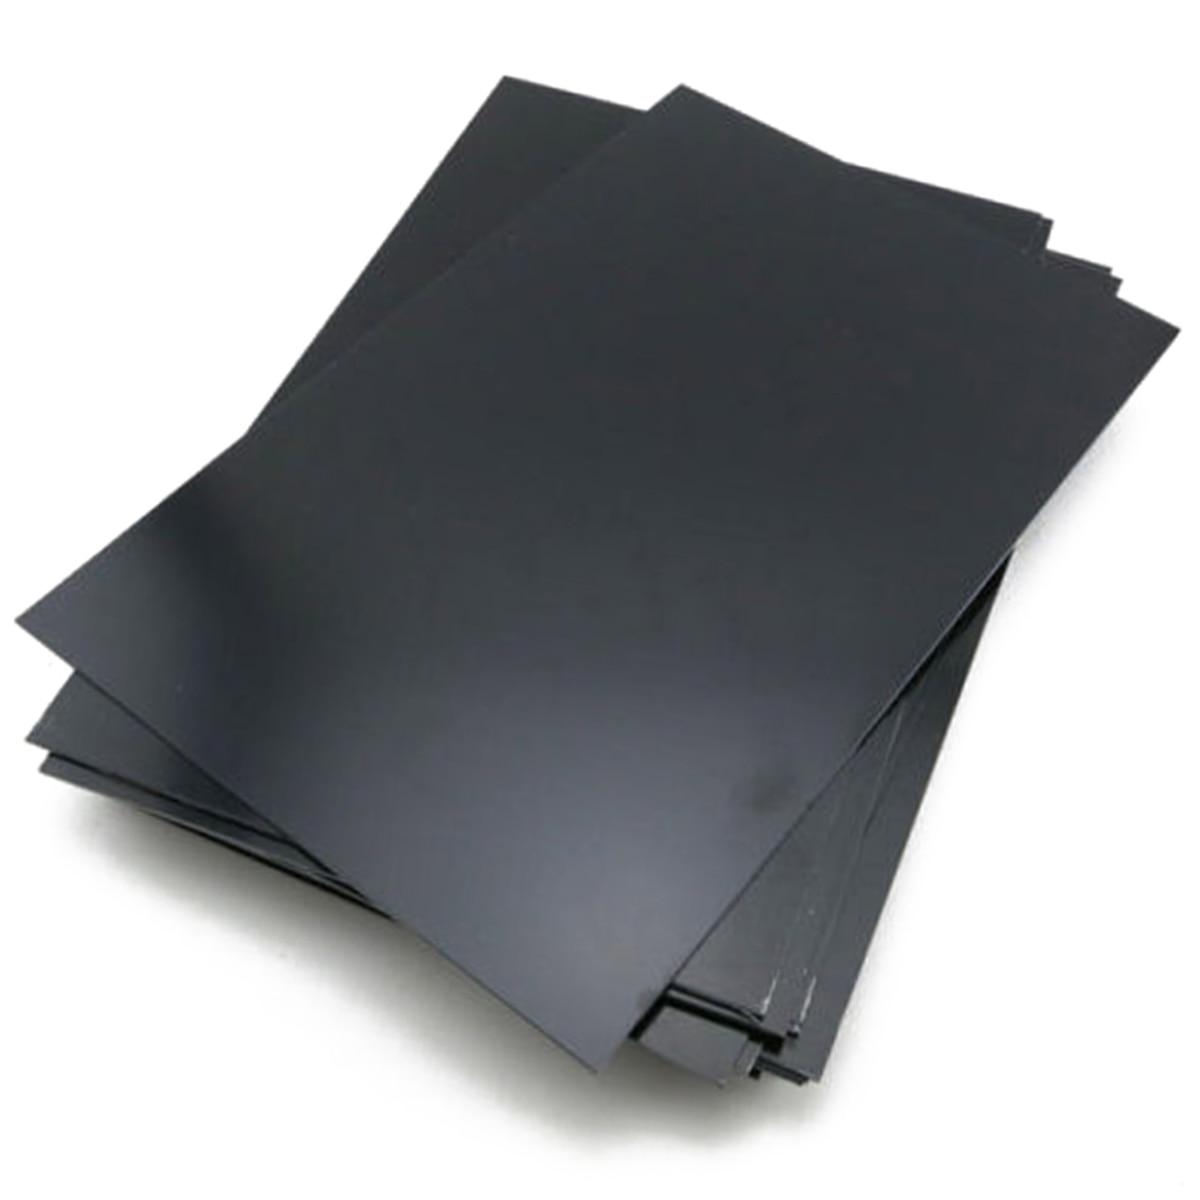 1 Uds nueva placa plana de plástico ABS estireno negro duradero 0,5mm de espesor